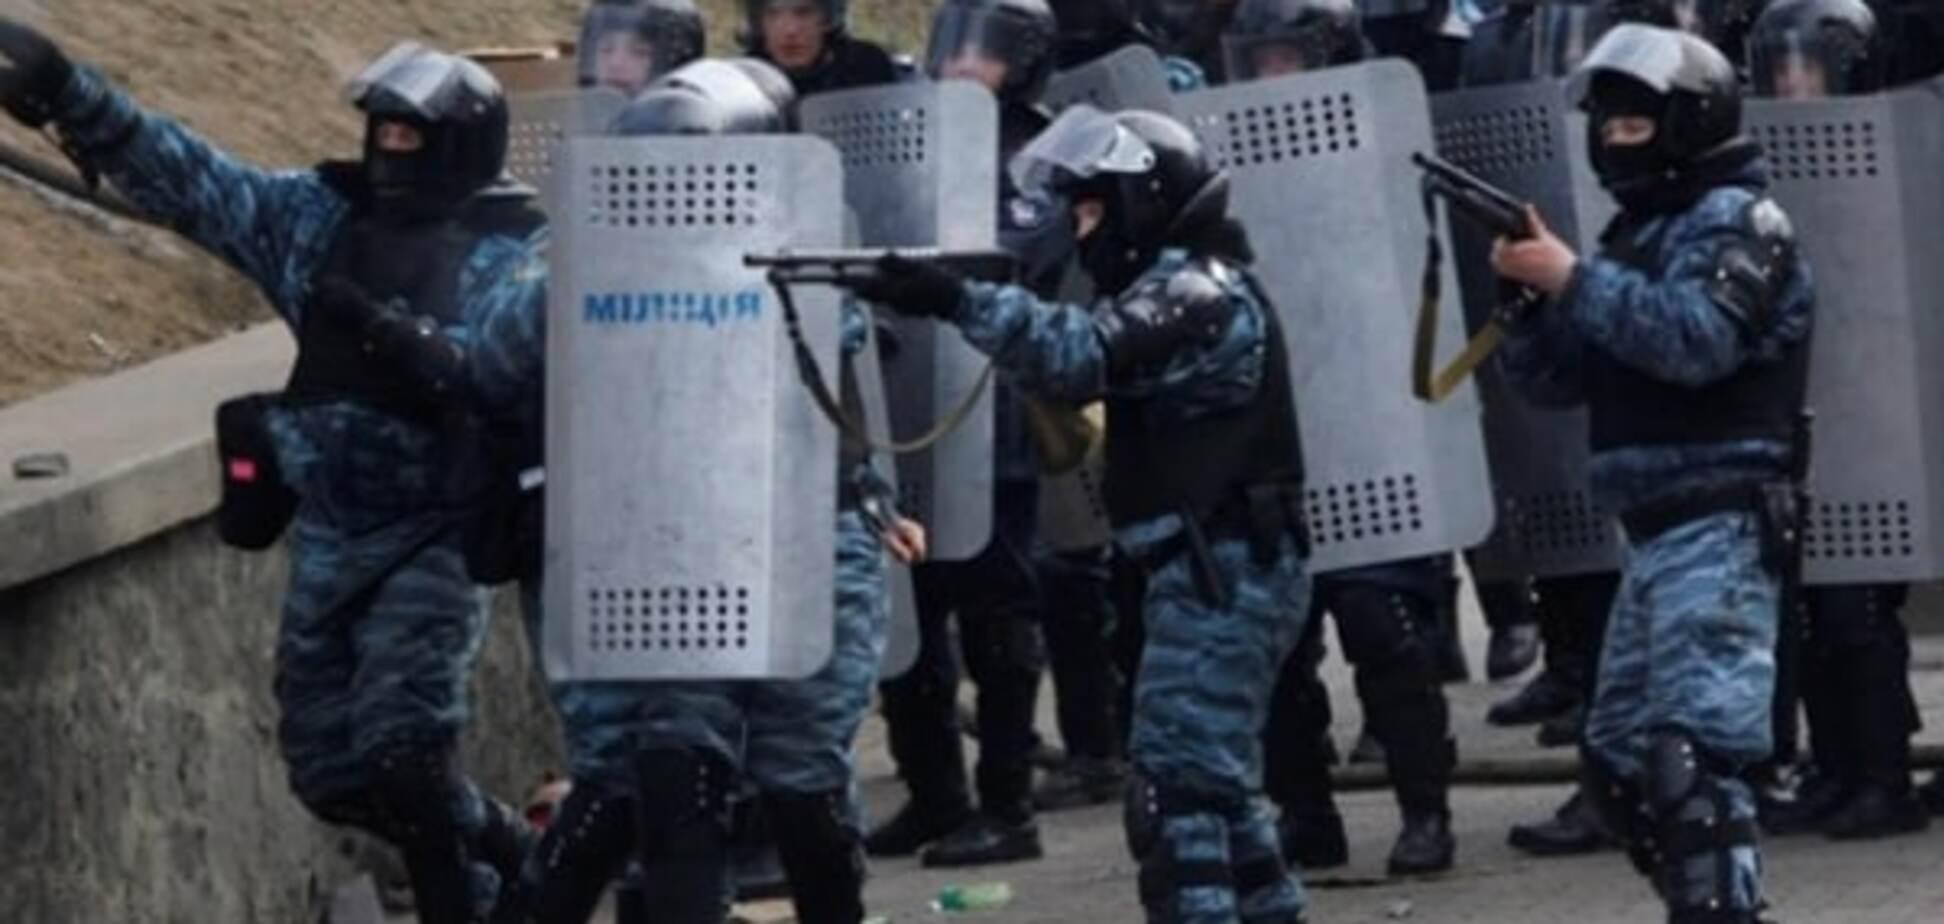 Стало відомо, де переховуються беркутівці, що розстрілювали Майдан